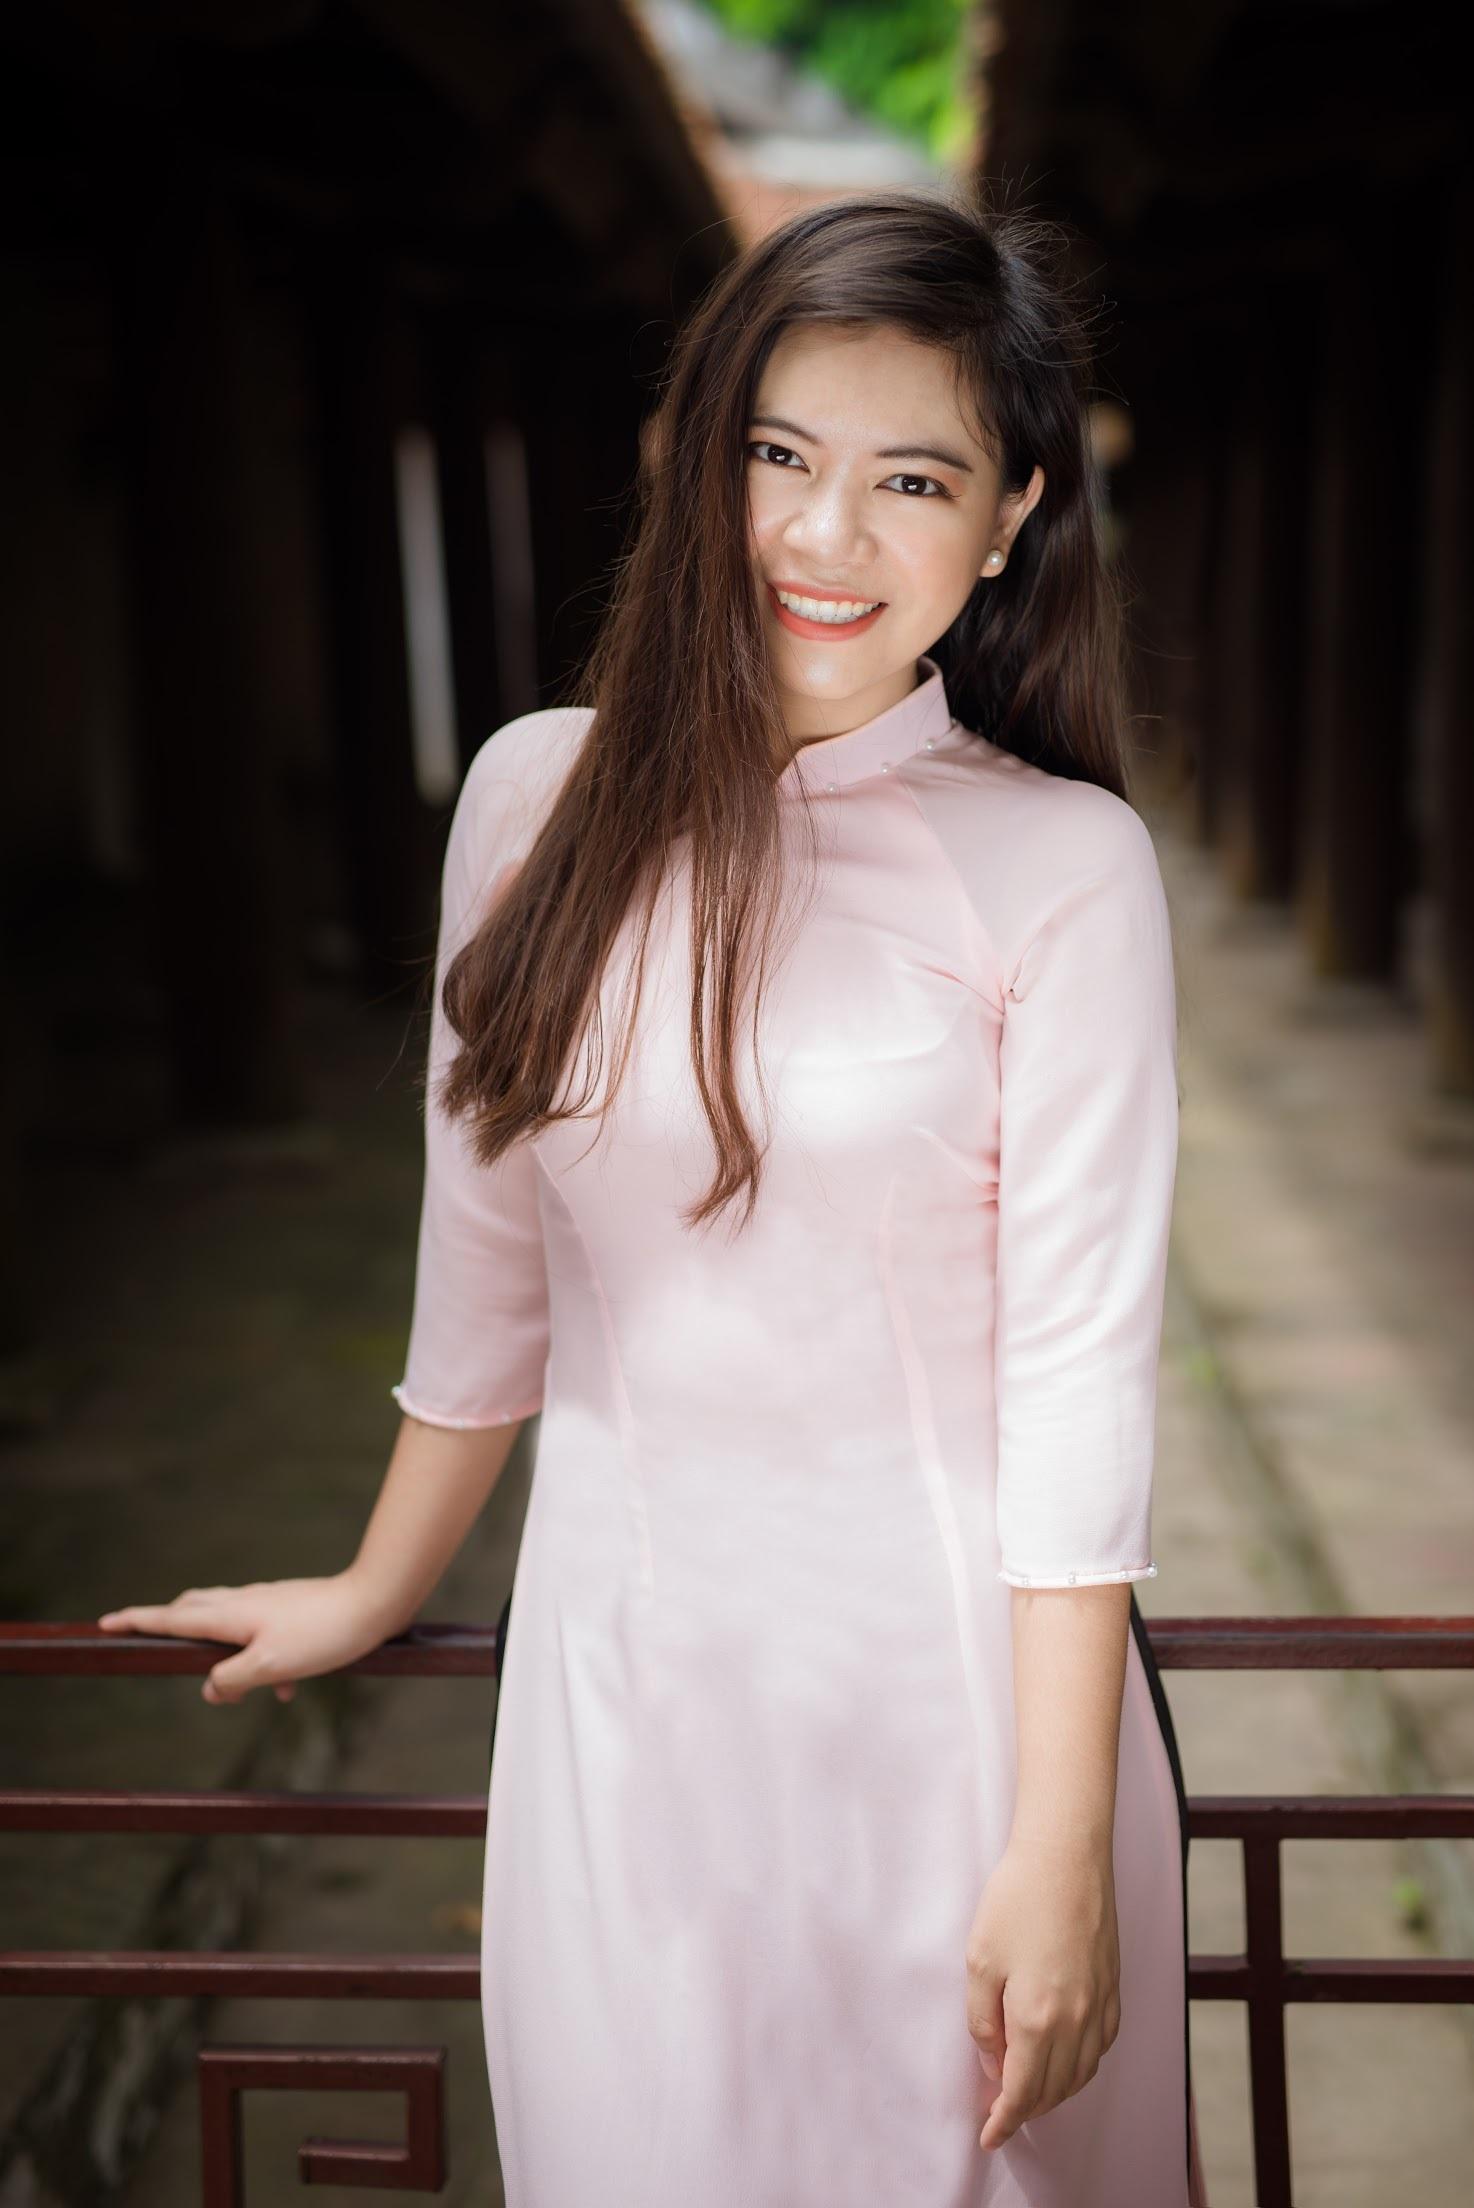 Nữ sinh Thái Lan tốt nghiệp thủ khoa Trường ĐH KHXH&NV Hà Nội